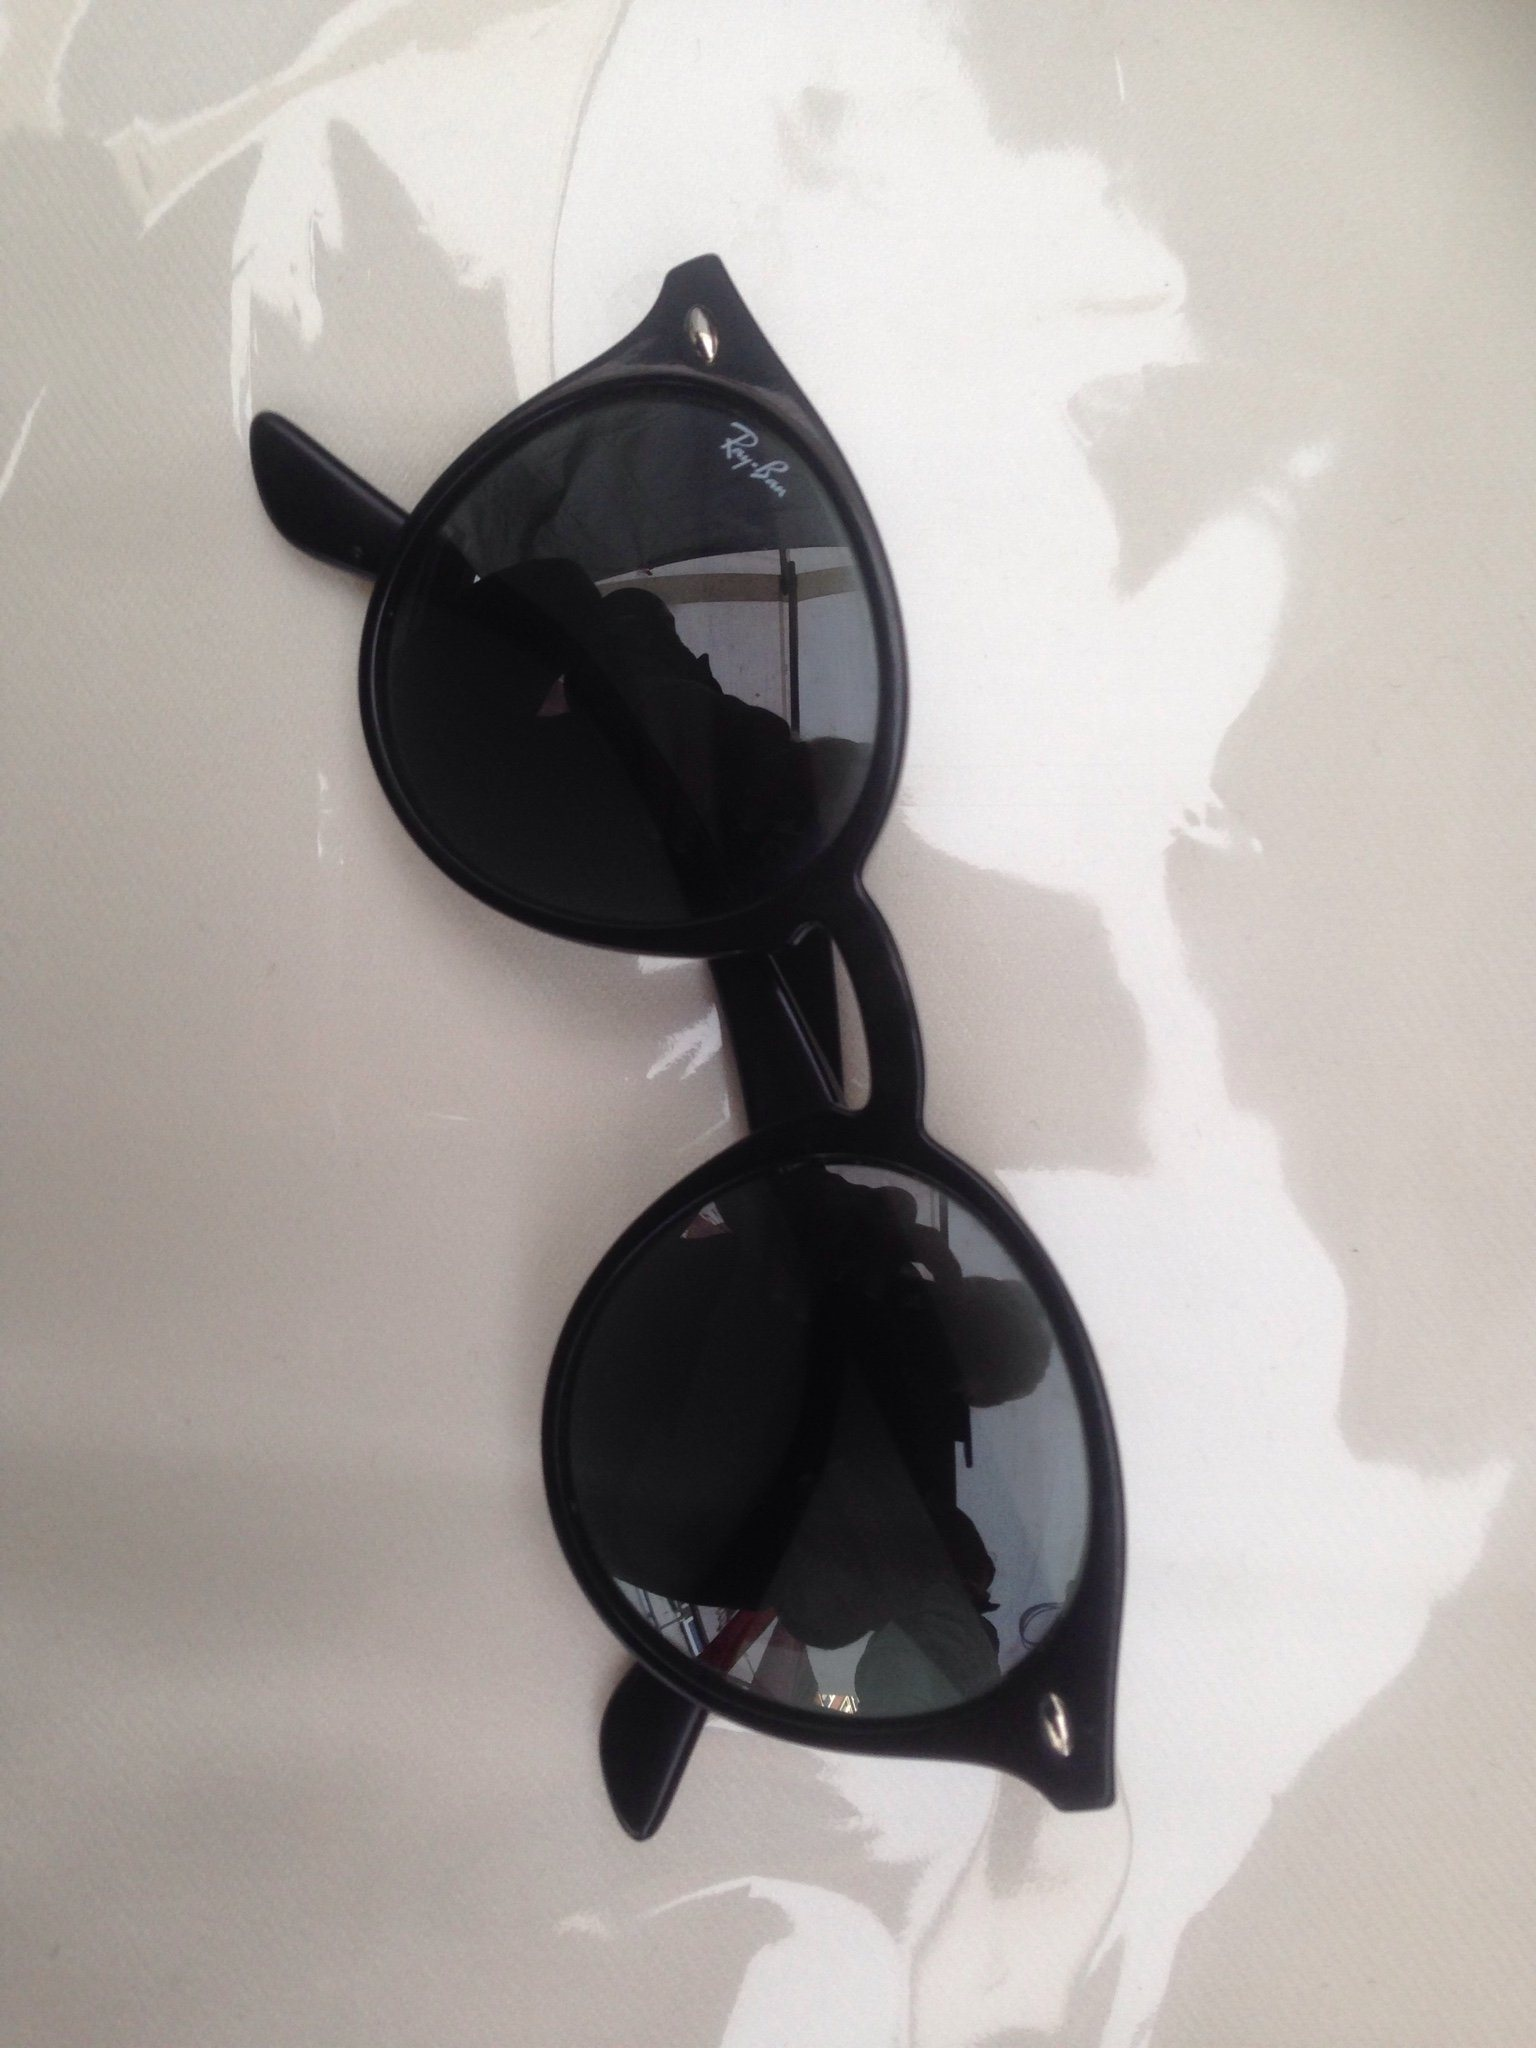 d84b9f113eda05 Äkta Ray-Ban solglasögon Svarta Modell RB2180 (340315373) ᐈ Köp på ...